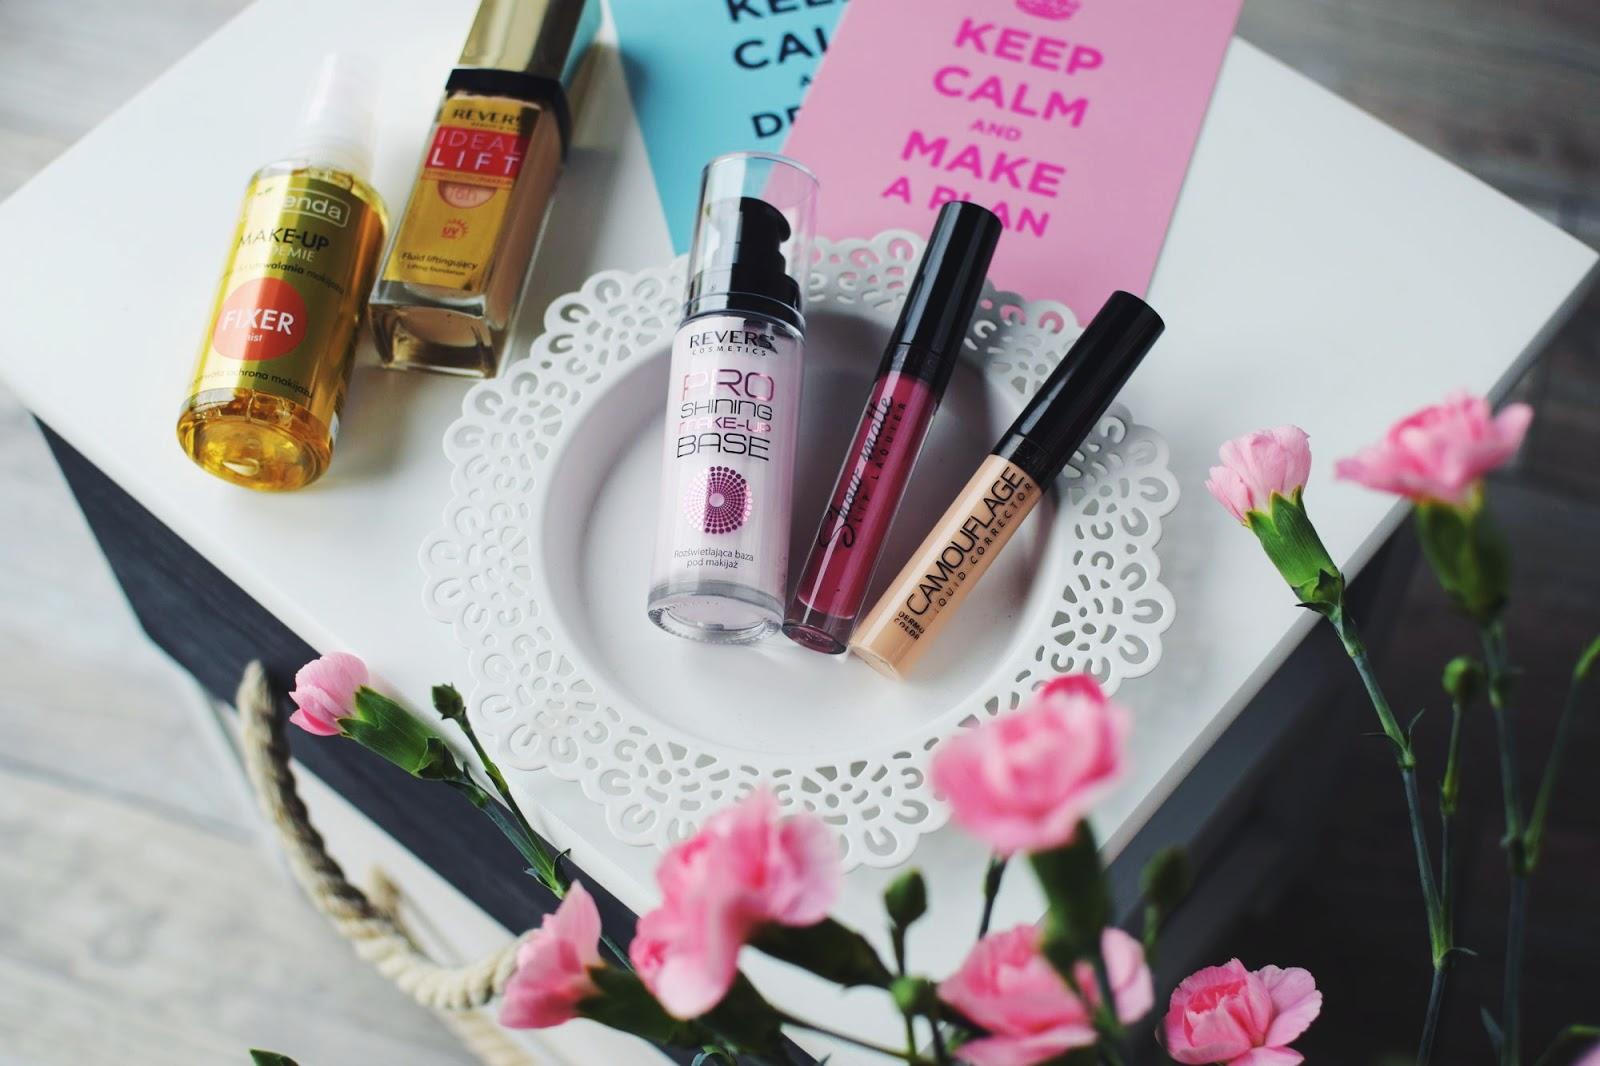 Trzy marki kosmetyczne Revers, Bielenda i Sephora